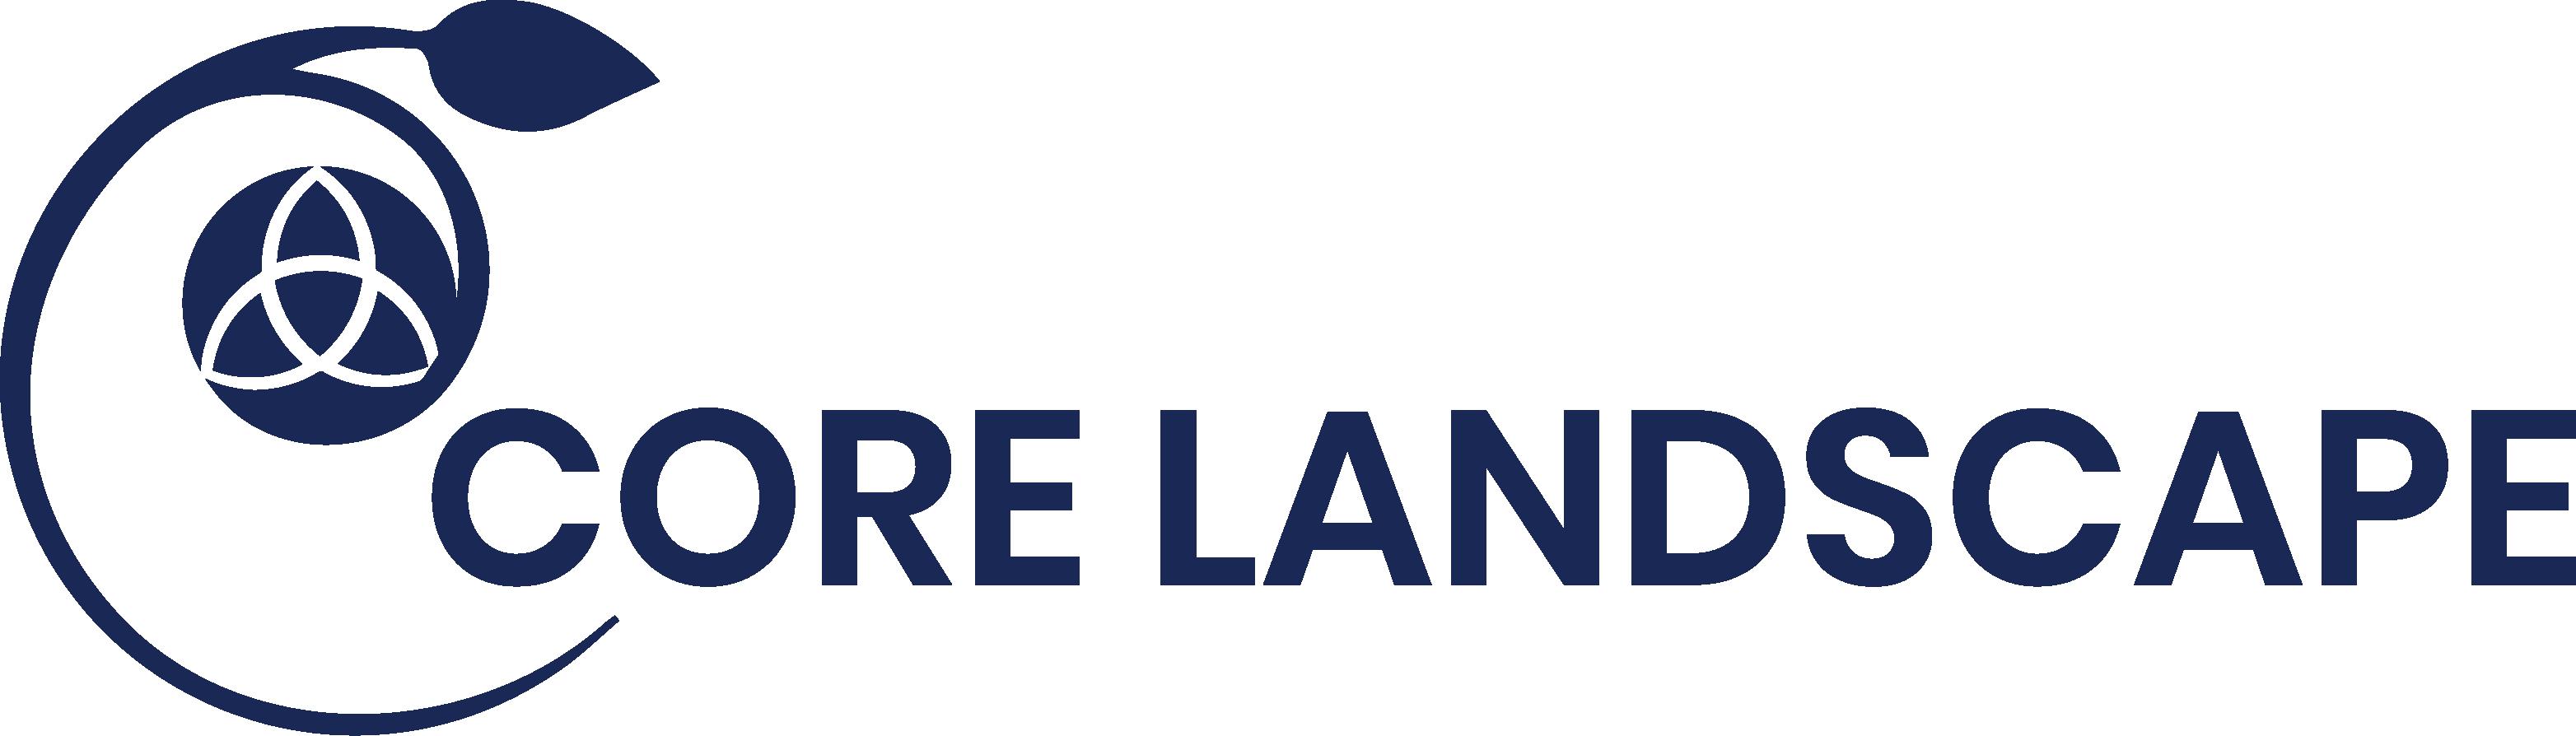 Core Landscape LLC